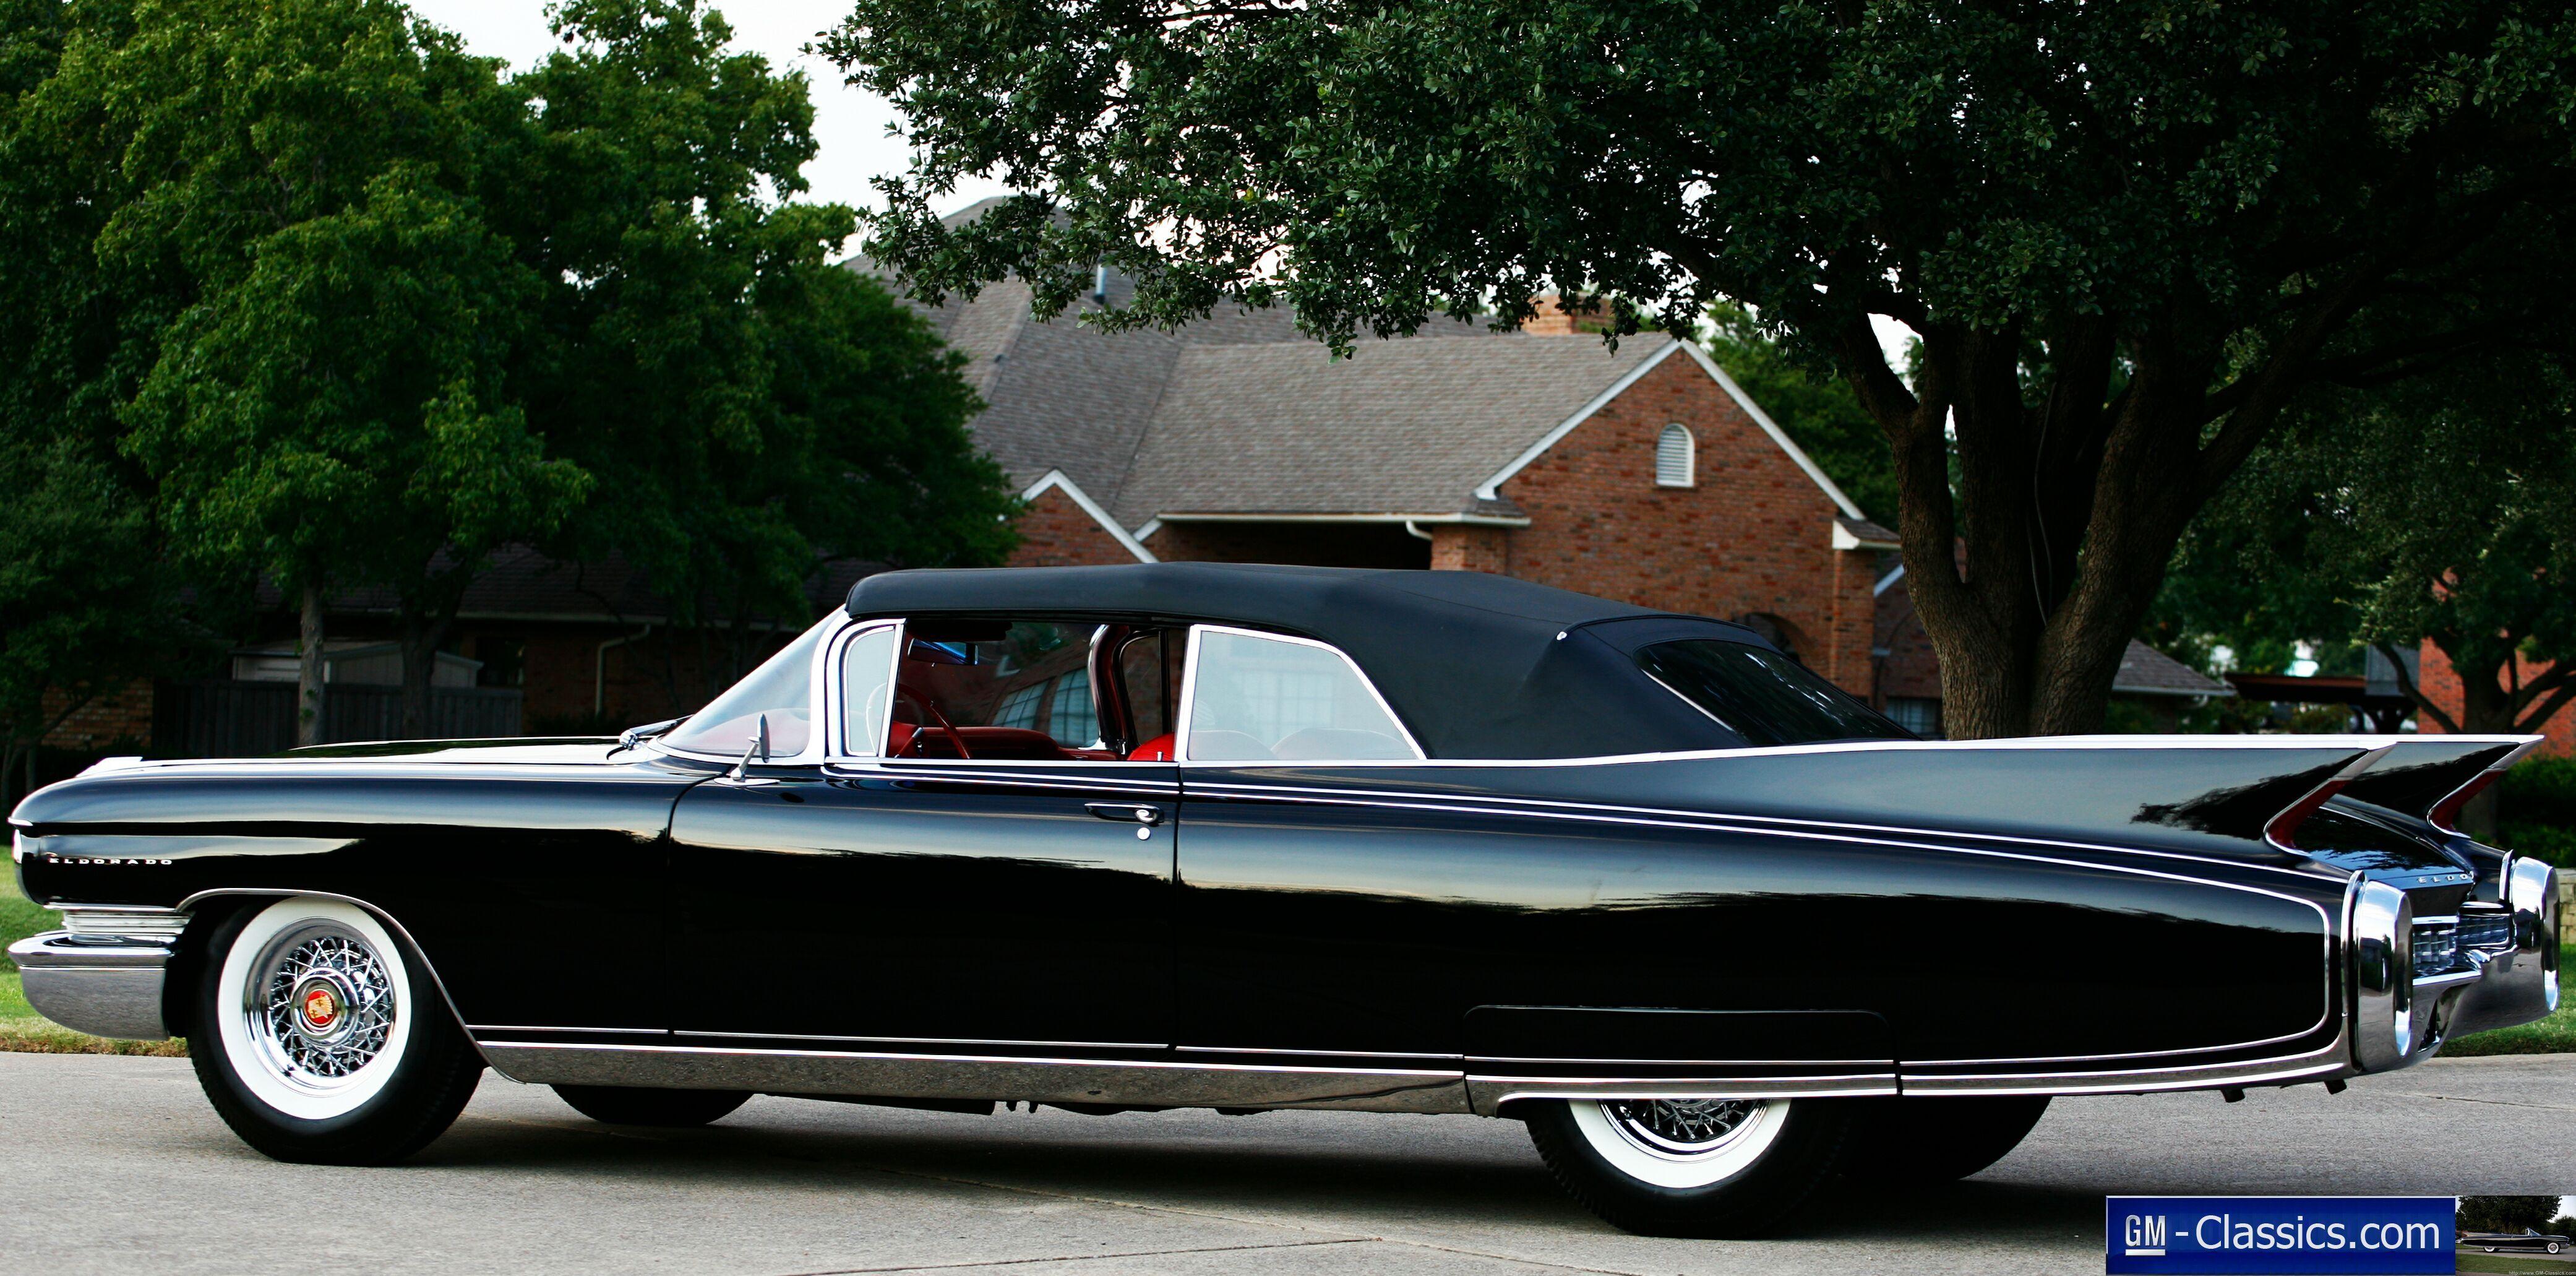 1960 Cadillac Eldorado Convertible | For Book | Pinterest | Cadillac